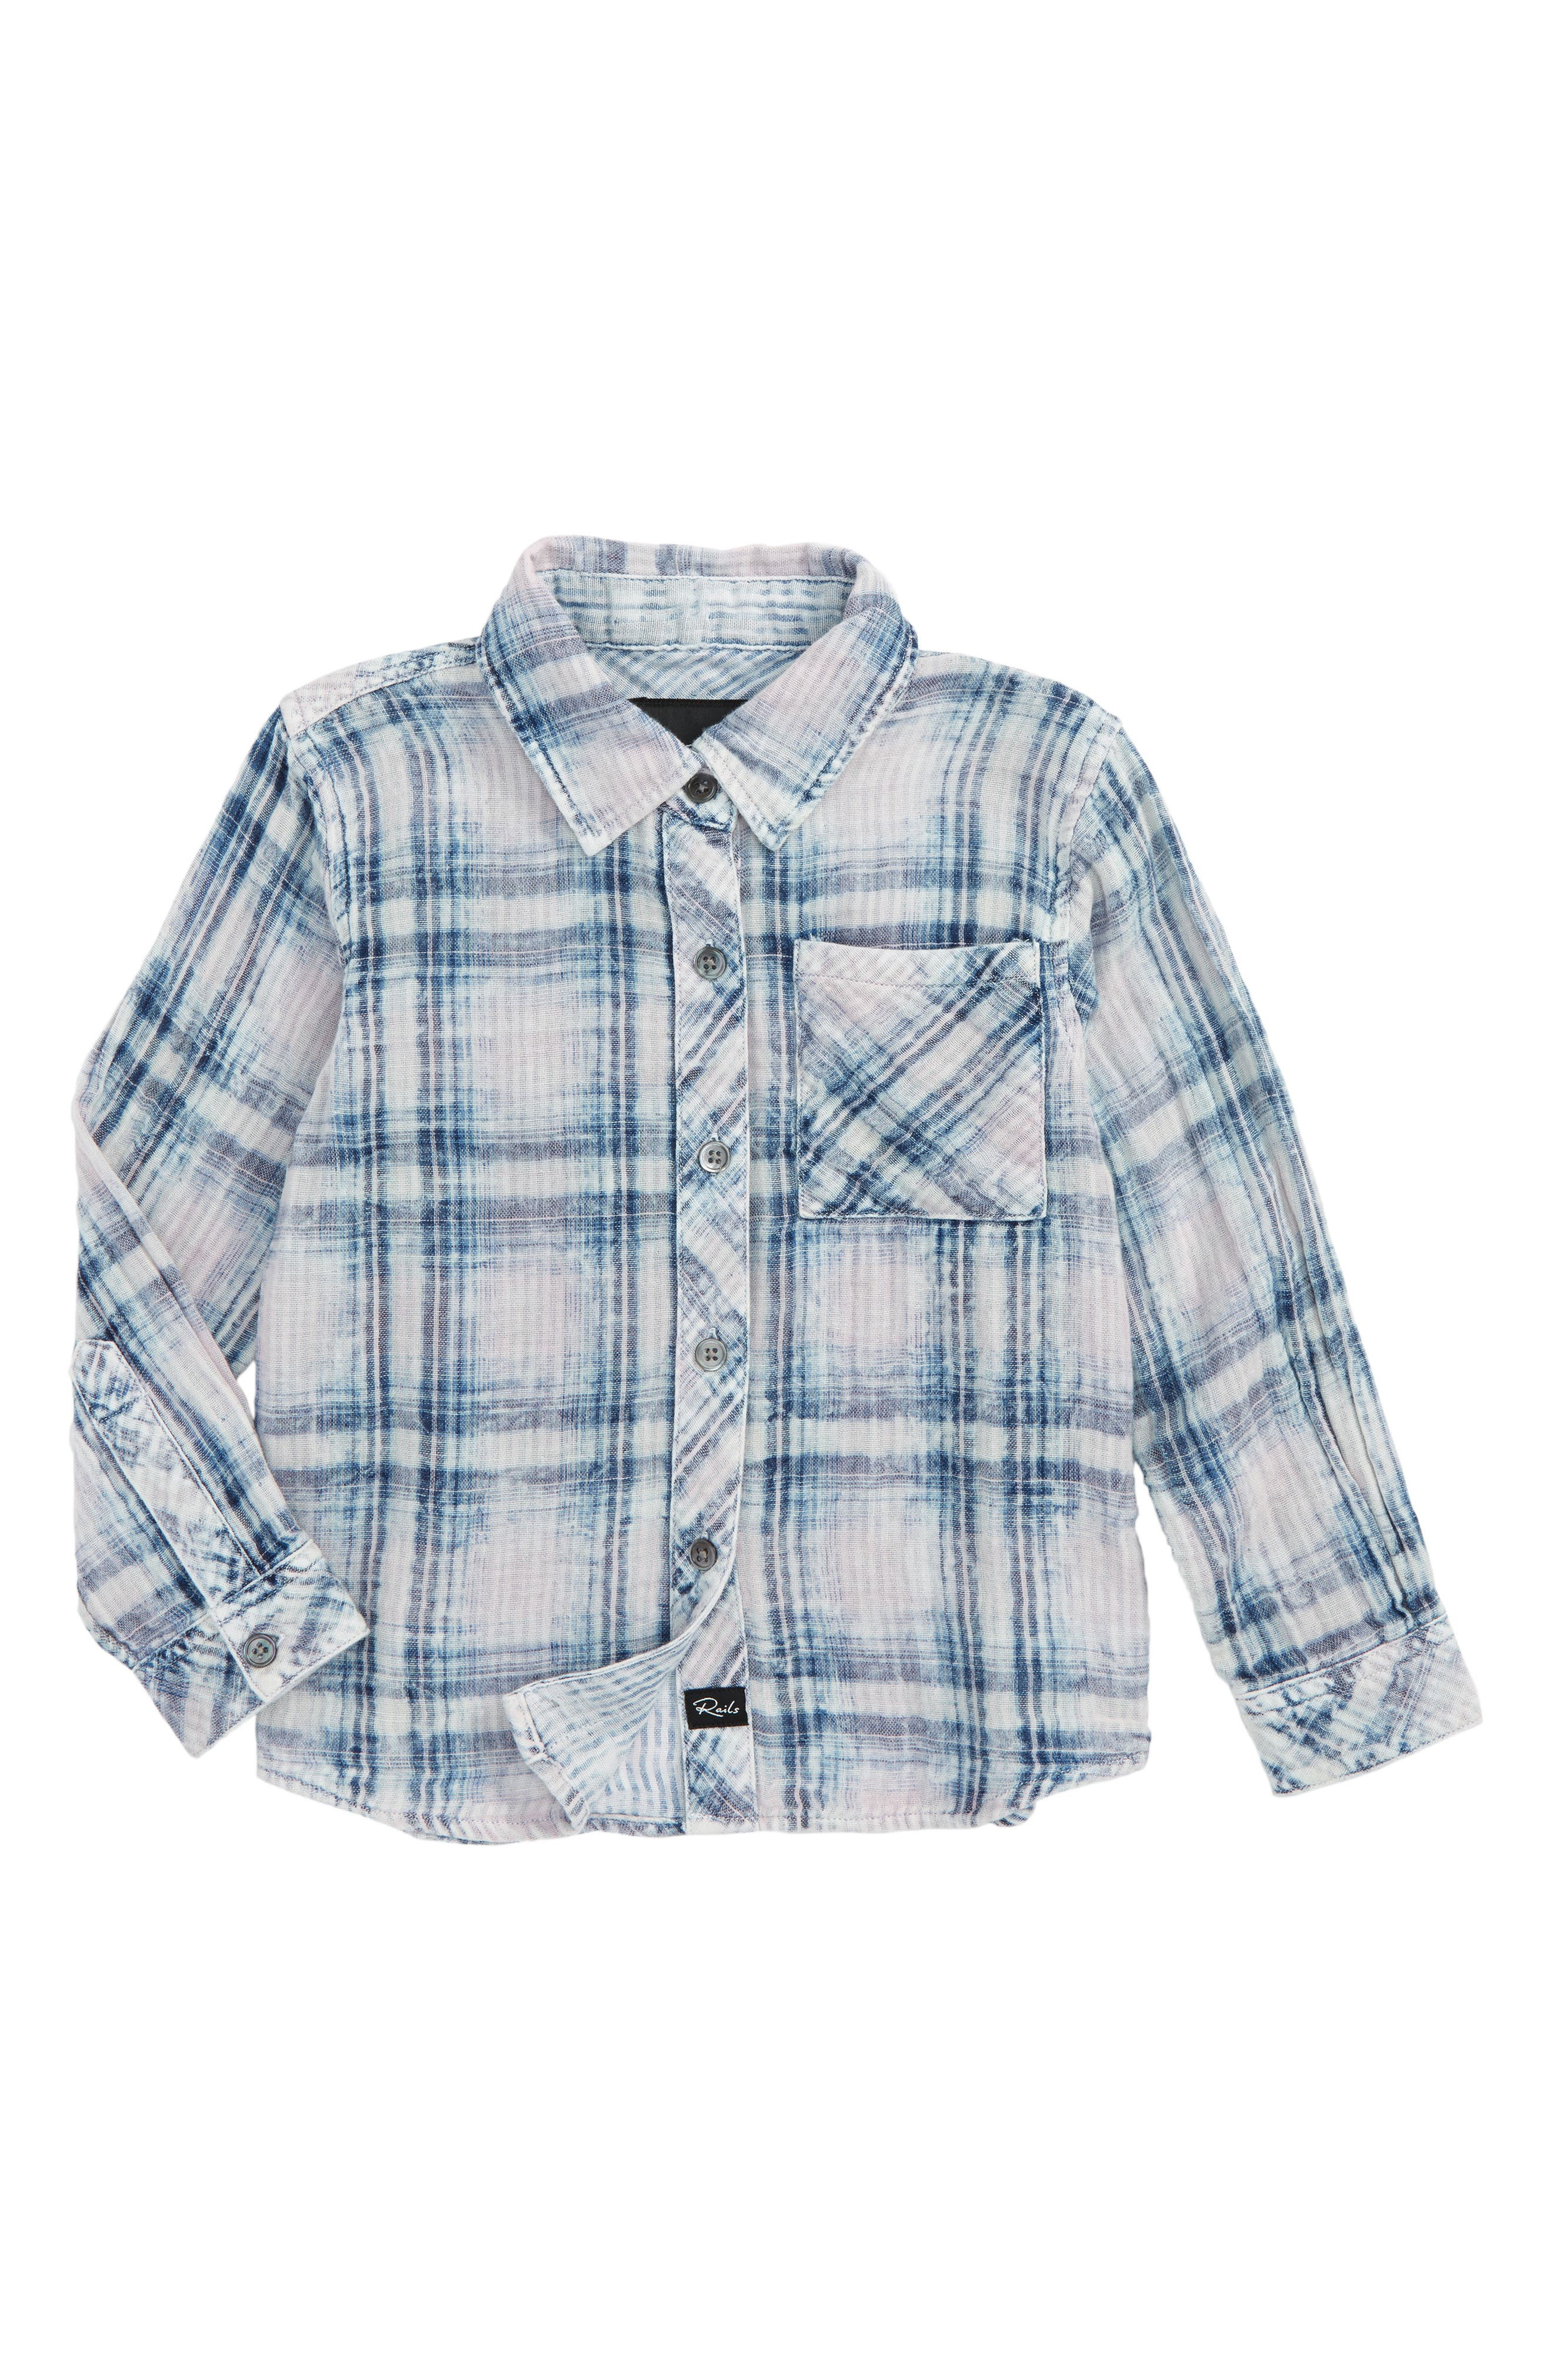 Hudson Plaid Shirt,                         Main,                         color, 400